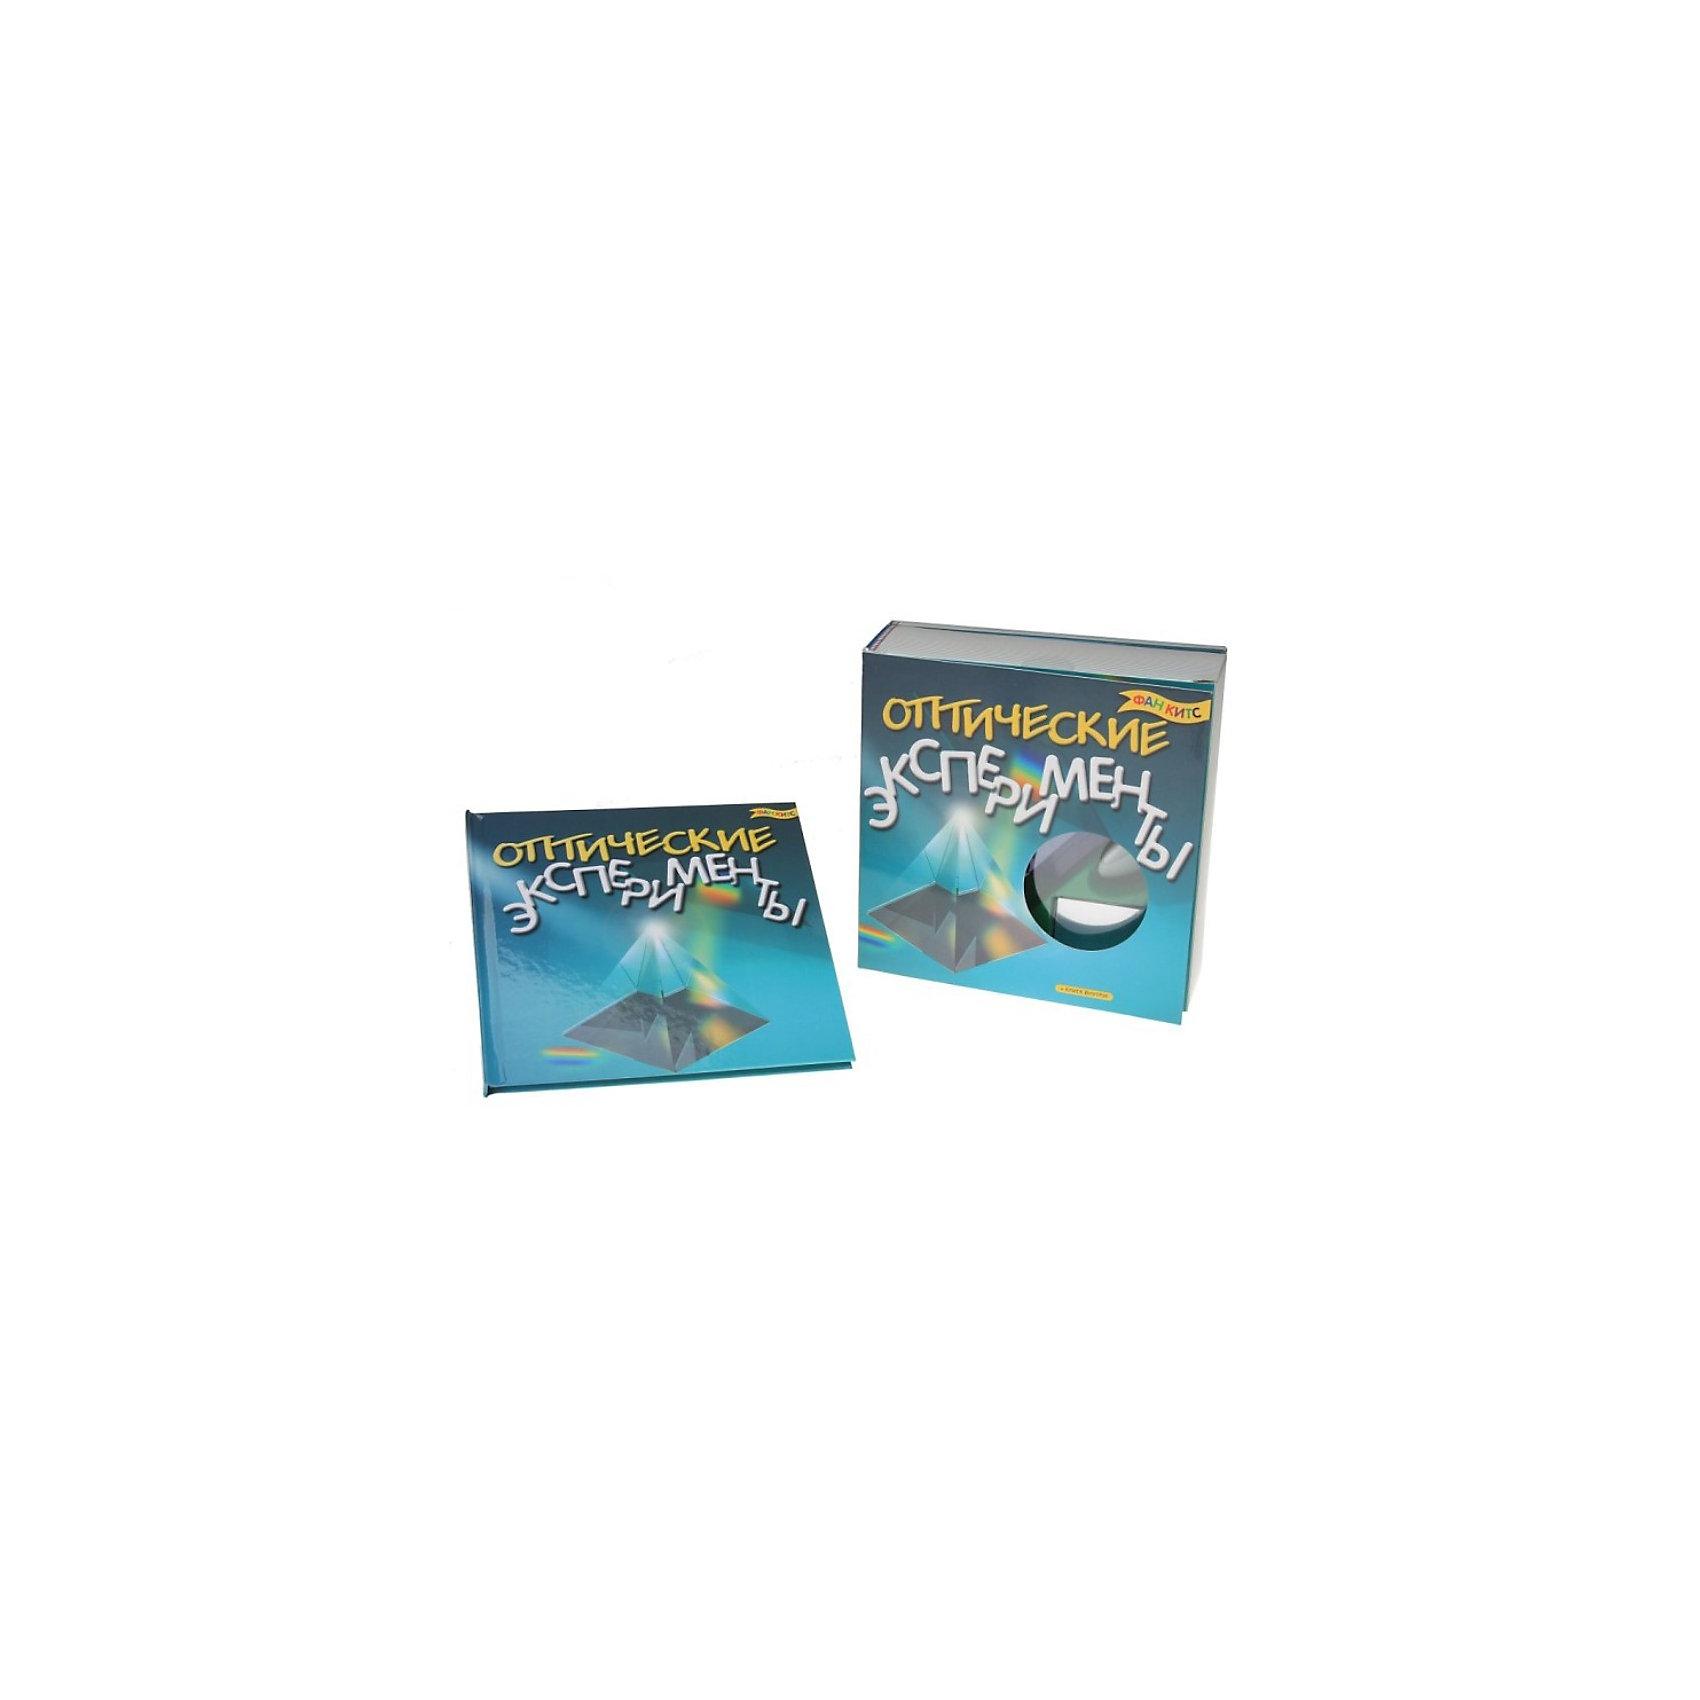 Fun kits Оптические экспериментыКак устроен перископ? Как преломляется свет в линзе? Какой телескоп лучше - по схеме Кеплера или по схеме Галилея?<br><br>Проведи 10 увлекательных экспериментов и собери свой собственный перископ, телескоп и подзорную трубу.  <br><br>Дополнительная информация:<br><br>В комплекте:<br>- Книга 48 стр. с инструкциями и цветными иллюстрациями,<br>- 3 линзы: две собирающие и одна рассеивающая, <br>- 3 зеркала,<br>- Волчок и 8 цветных наклеек для волчка, <br>- Картонные детали для телескопа и перископа.<br><br>Узнай много интересного о природе света и оптических устройствах!<br><br>Ширина мм: 170<br>Глубина мм: 62<br>Высота мм: 170<br>Вес г: 500<br>Возраст от месяцев: 72<br>Возраст до месяцев: 144<br>Пол: Унисекс<br>Возраст: Детский<br>SKU: 2406375